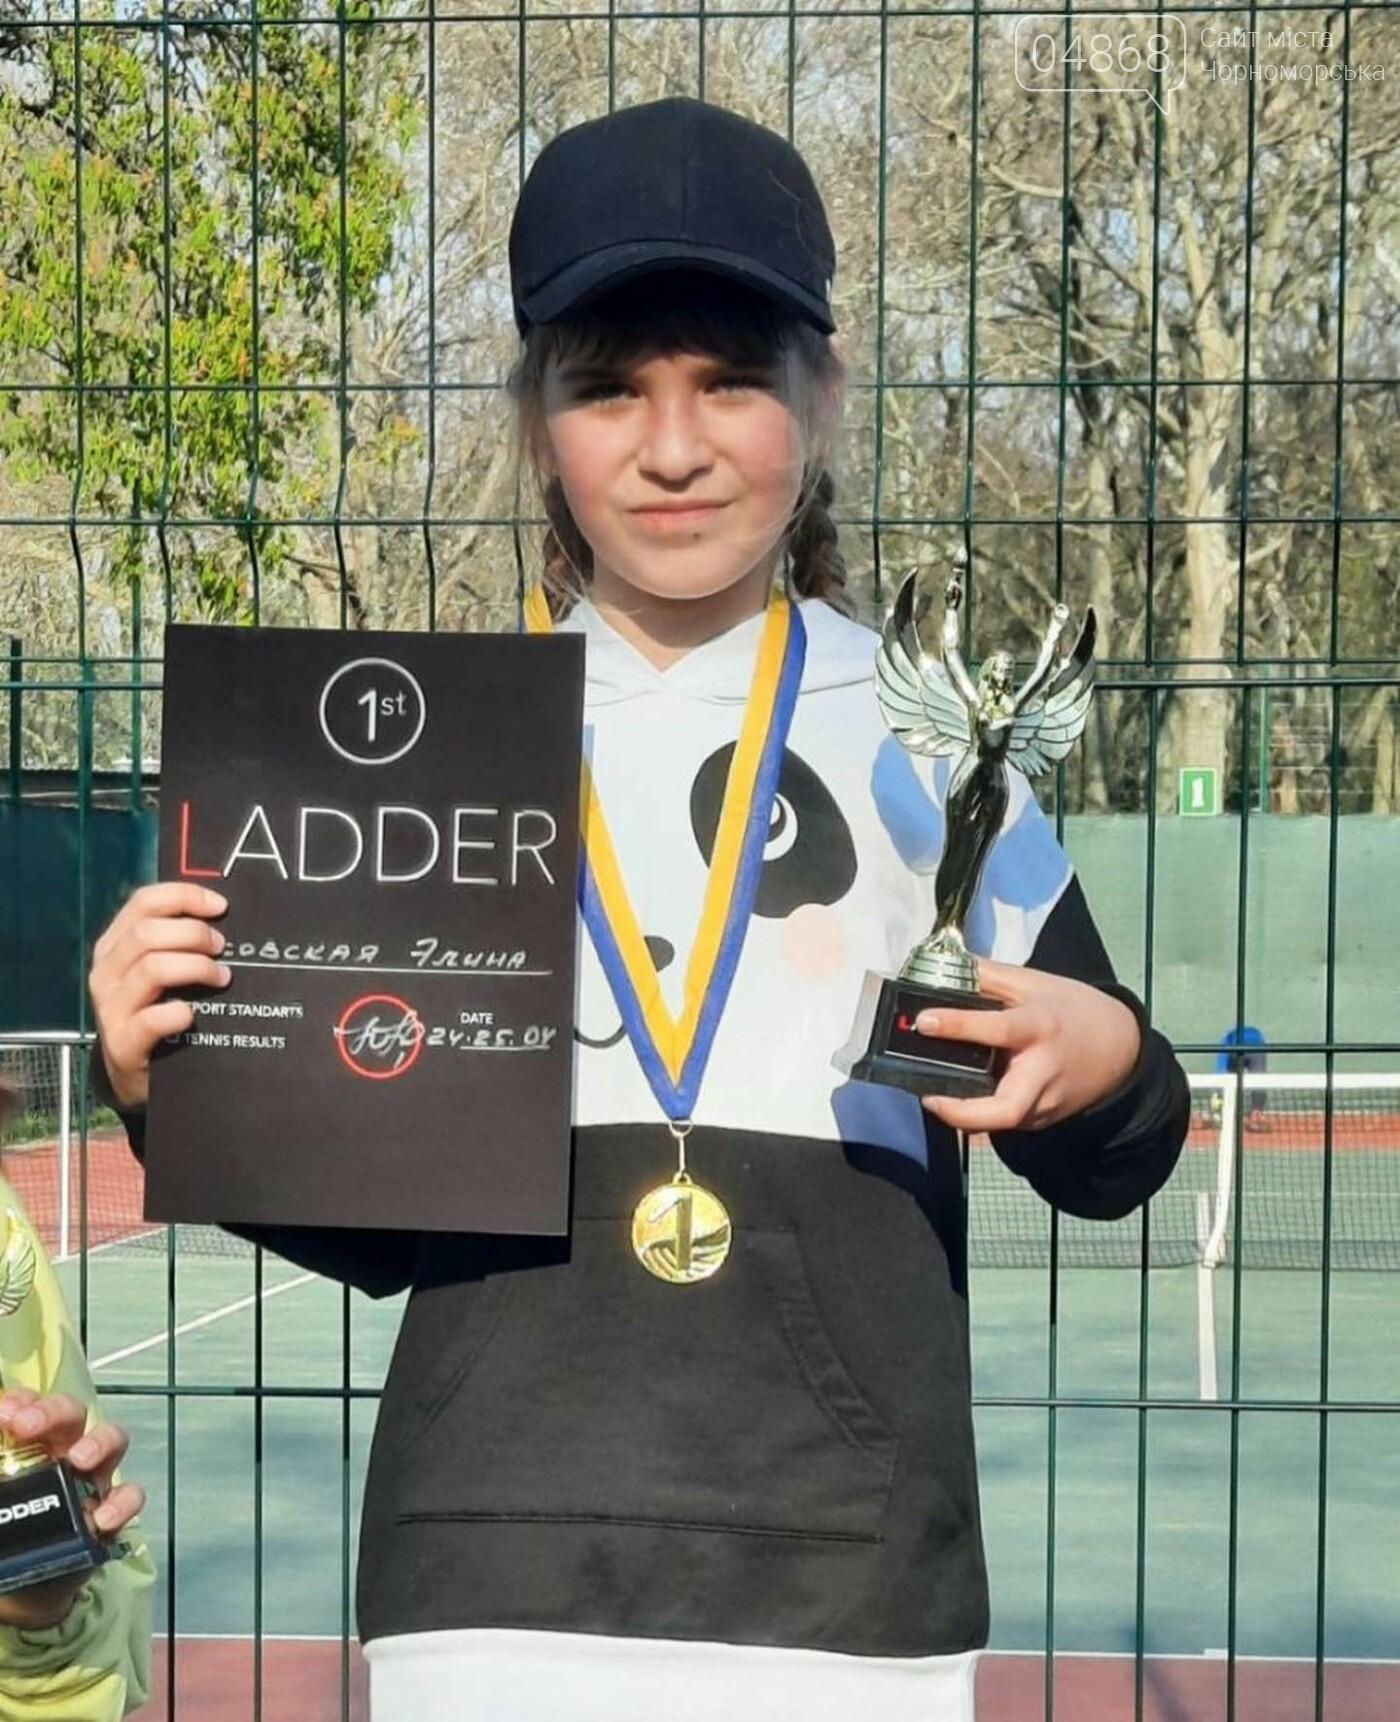 Юные теннисистки из Черноморска завоевали первые места в детском турнире, фото-3